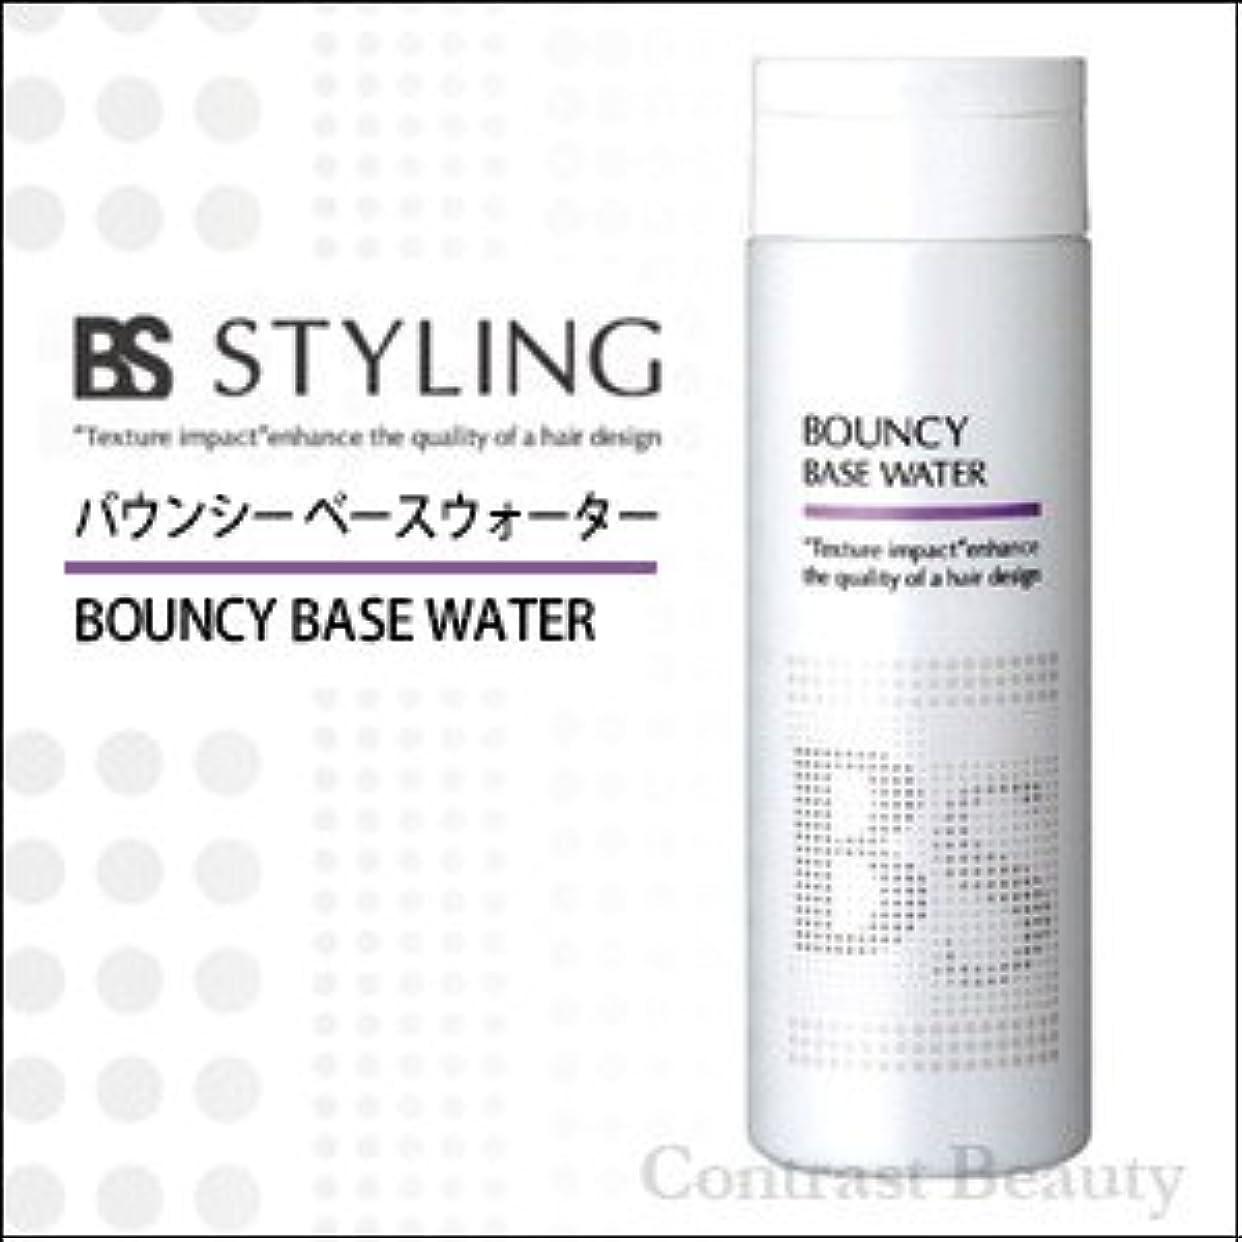 バスルーム斧神経【X2個セット】 アリミノ BSスタイリング バウンシー ベースウォーター 190g